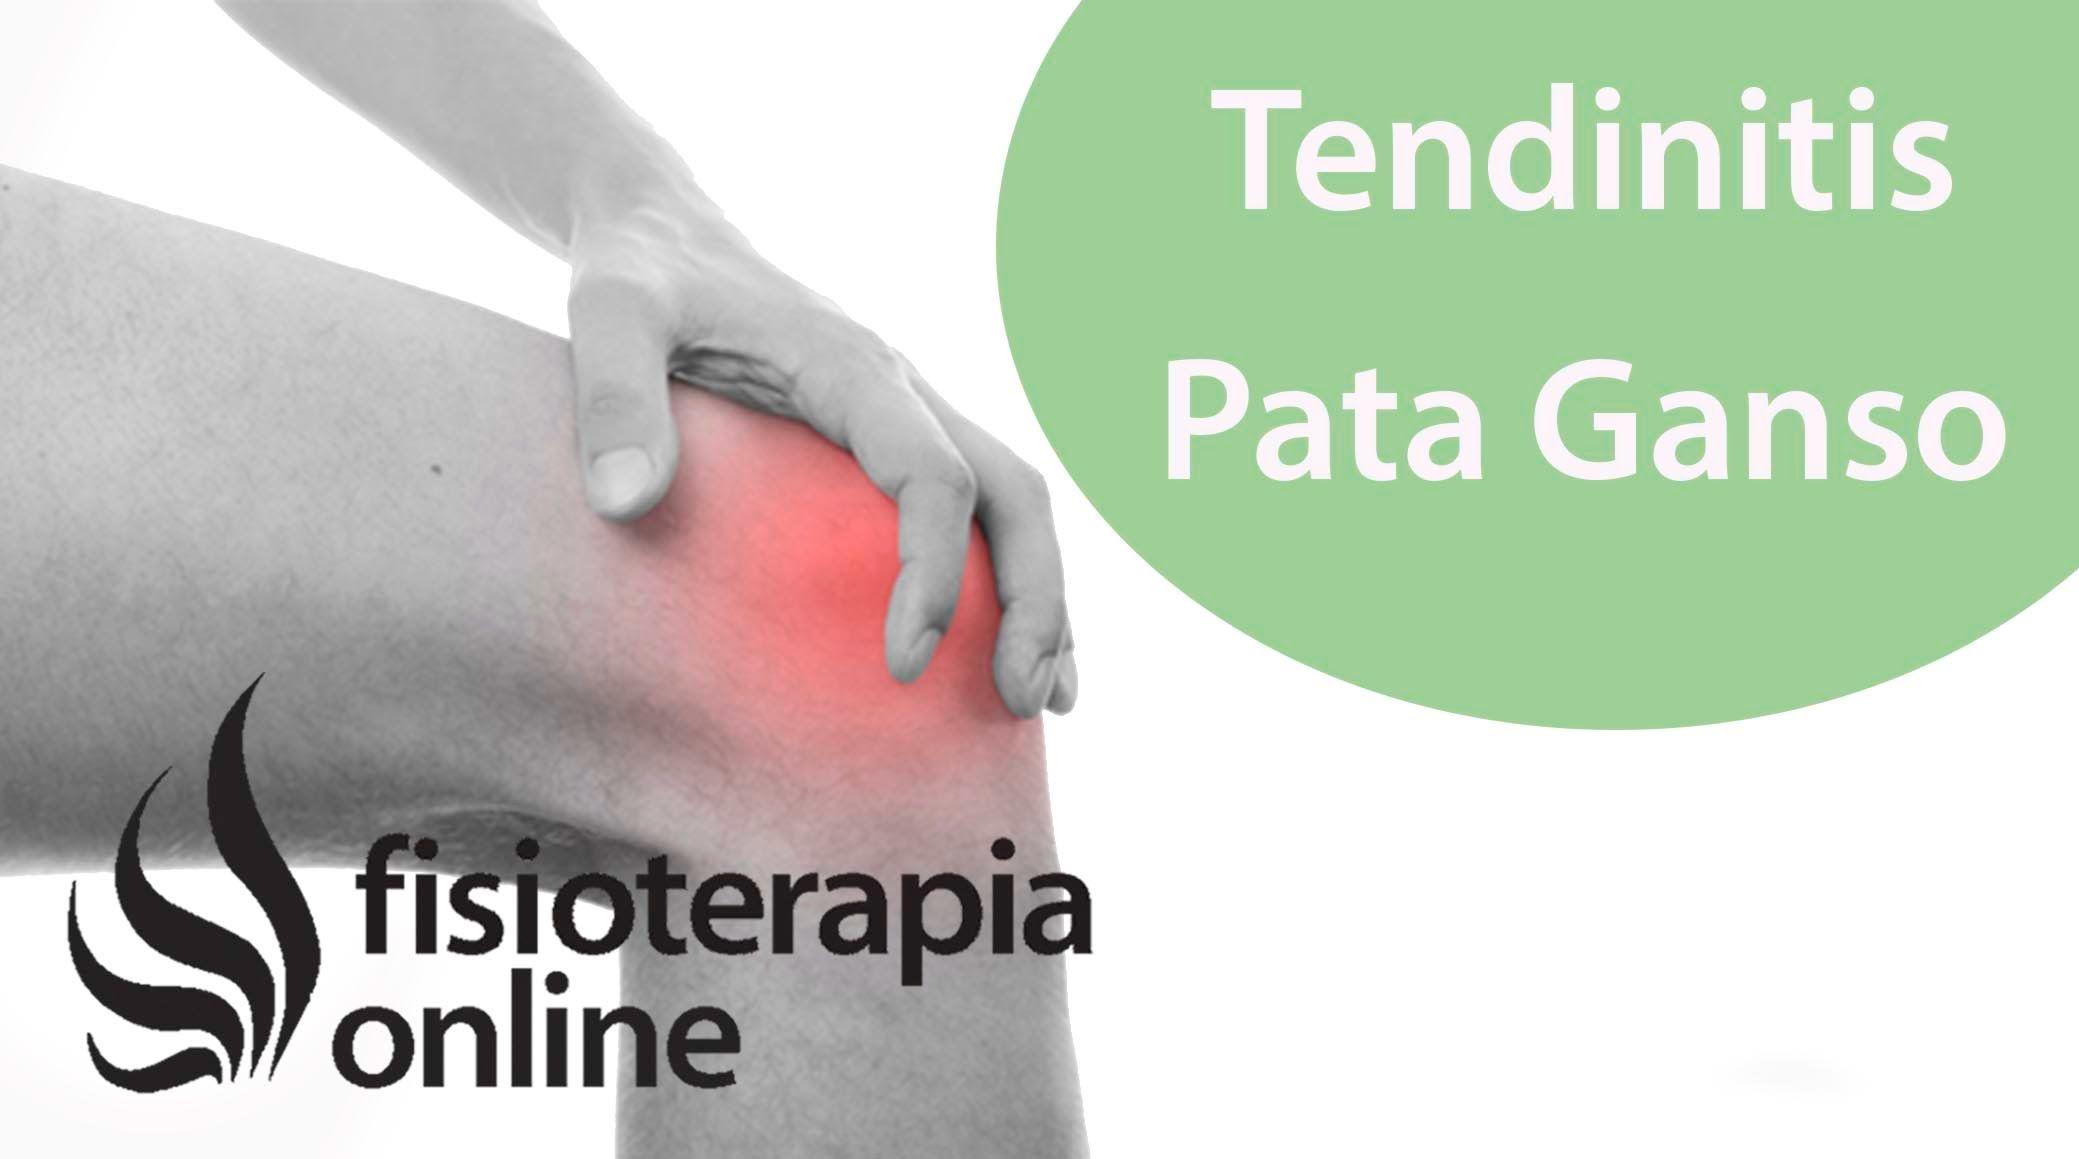 Tendinitis de pata de ganso. Tratamiento con ejercicios auto-masajes ...